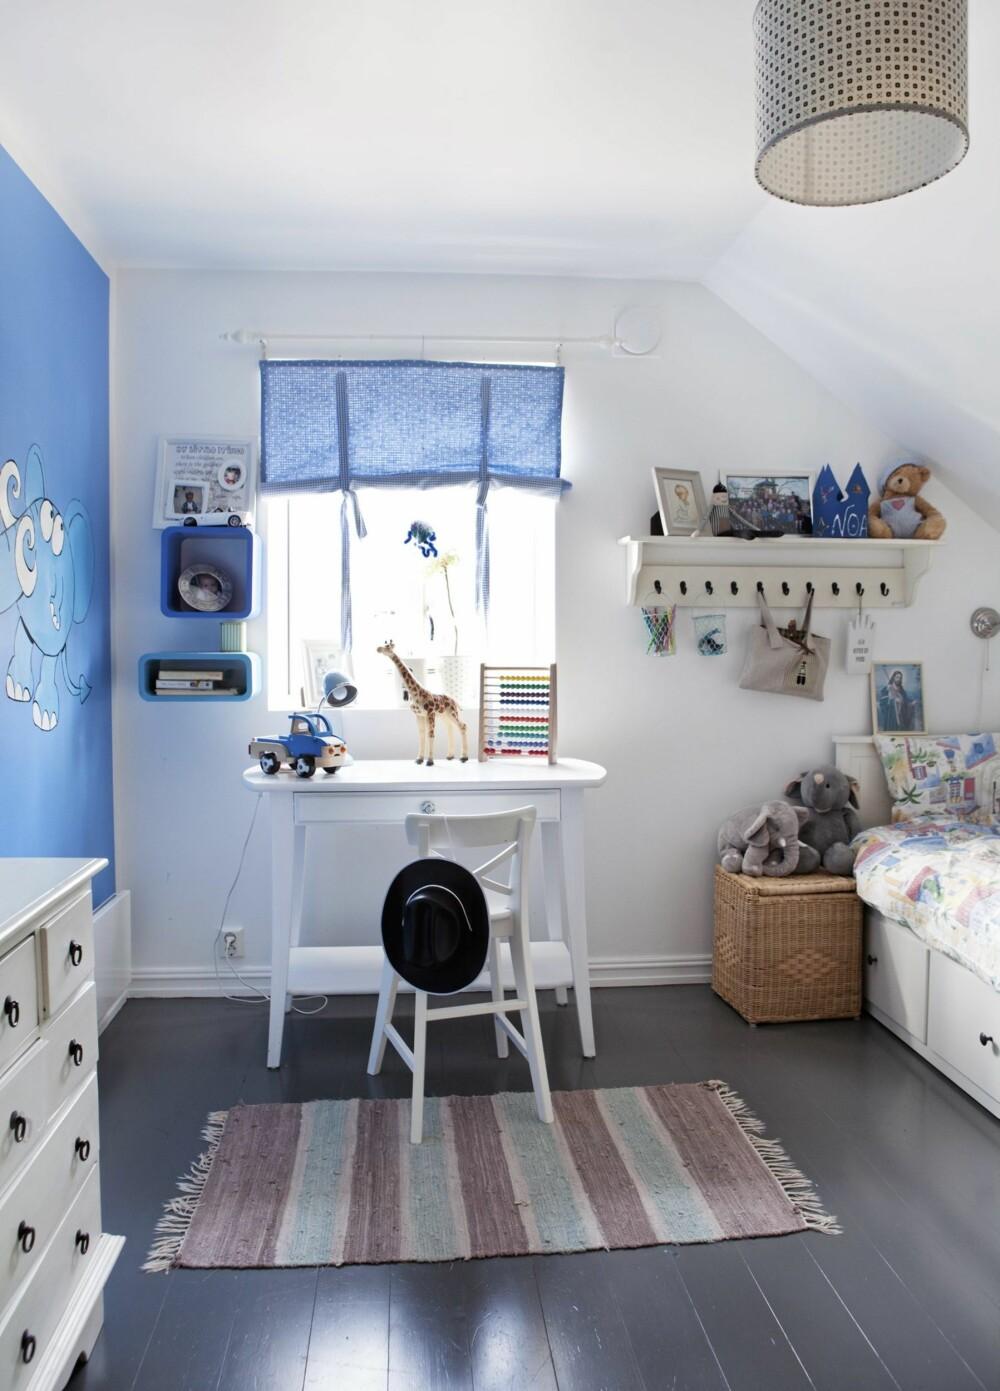 PRINSEROM: Noas rom er innredet i blått og hvitt. Han er spesielt stolt av elefanten som er malt på veggen.